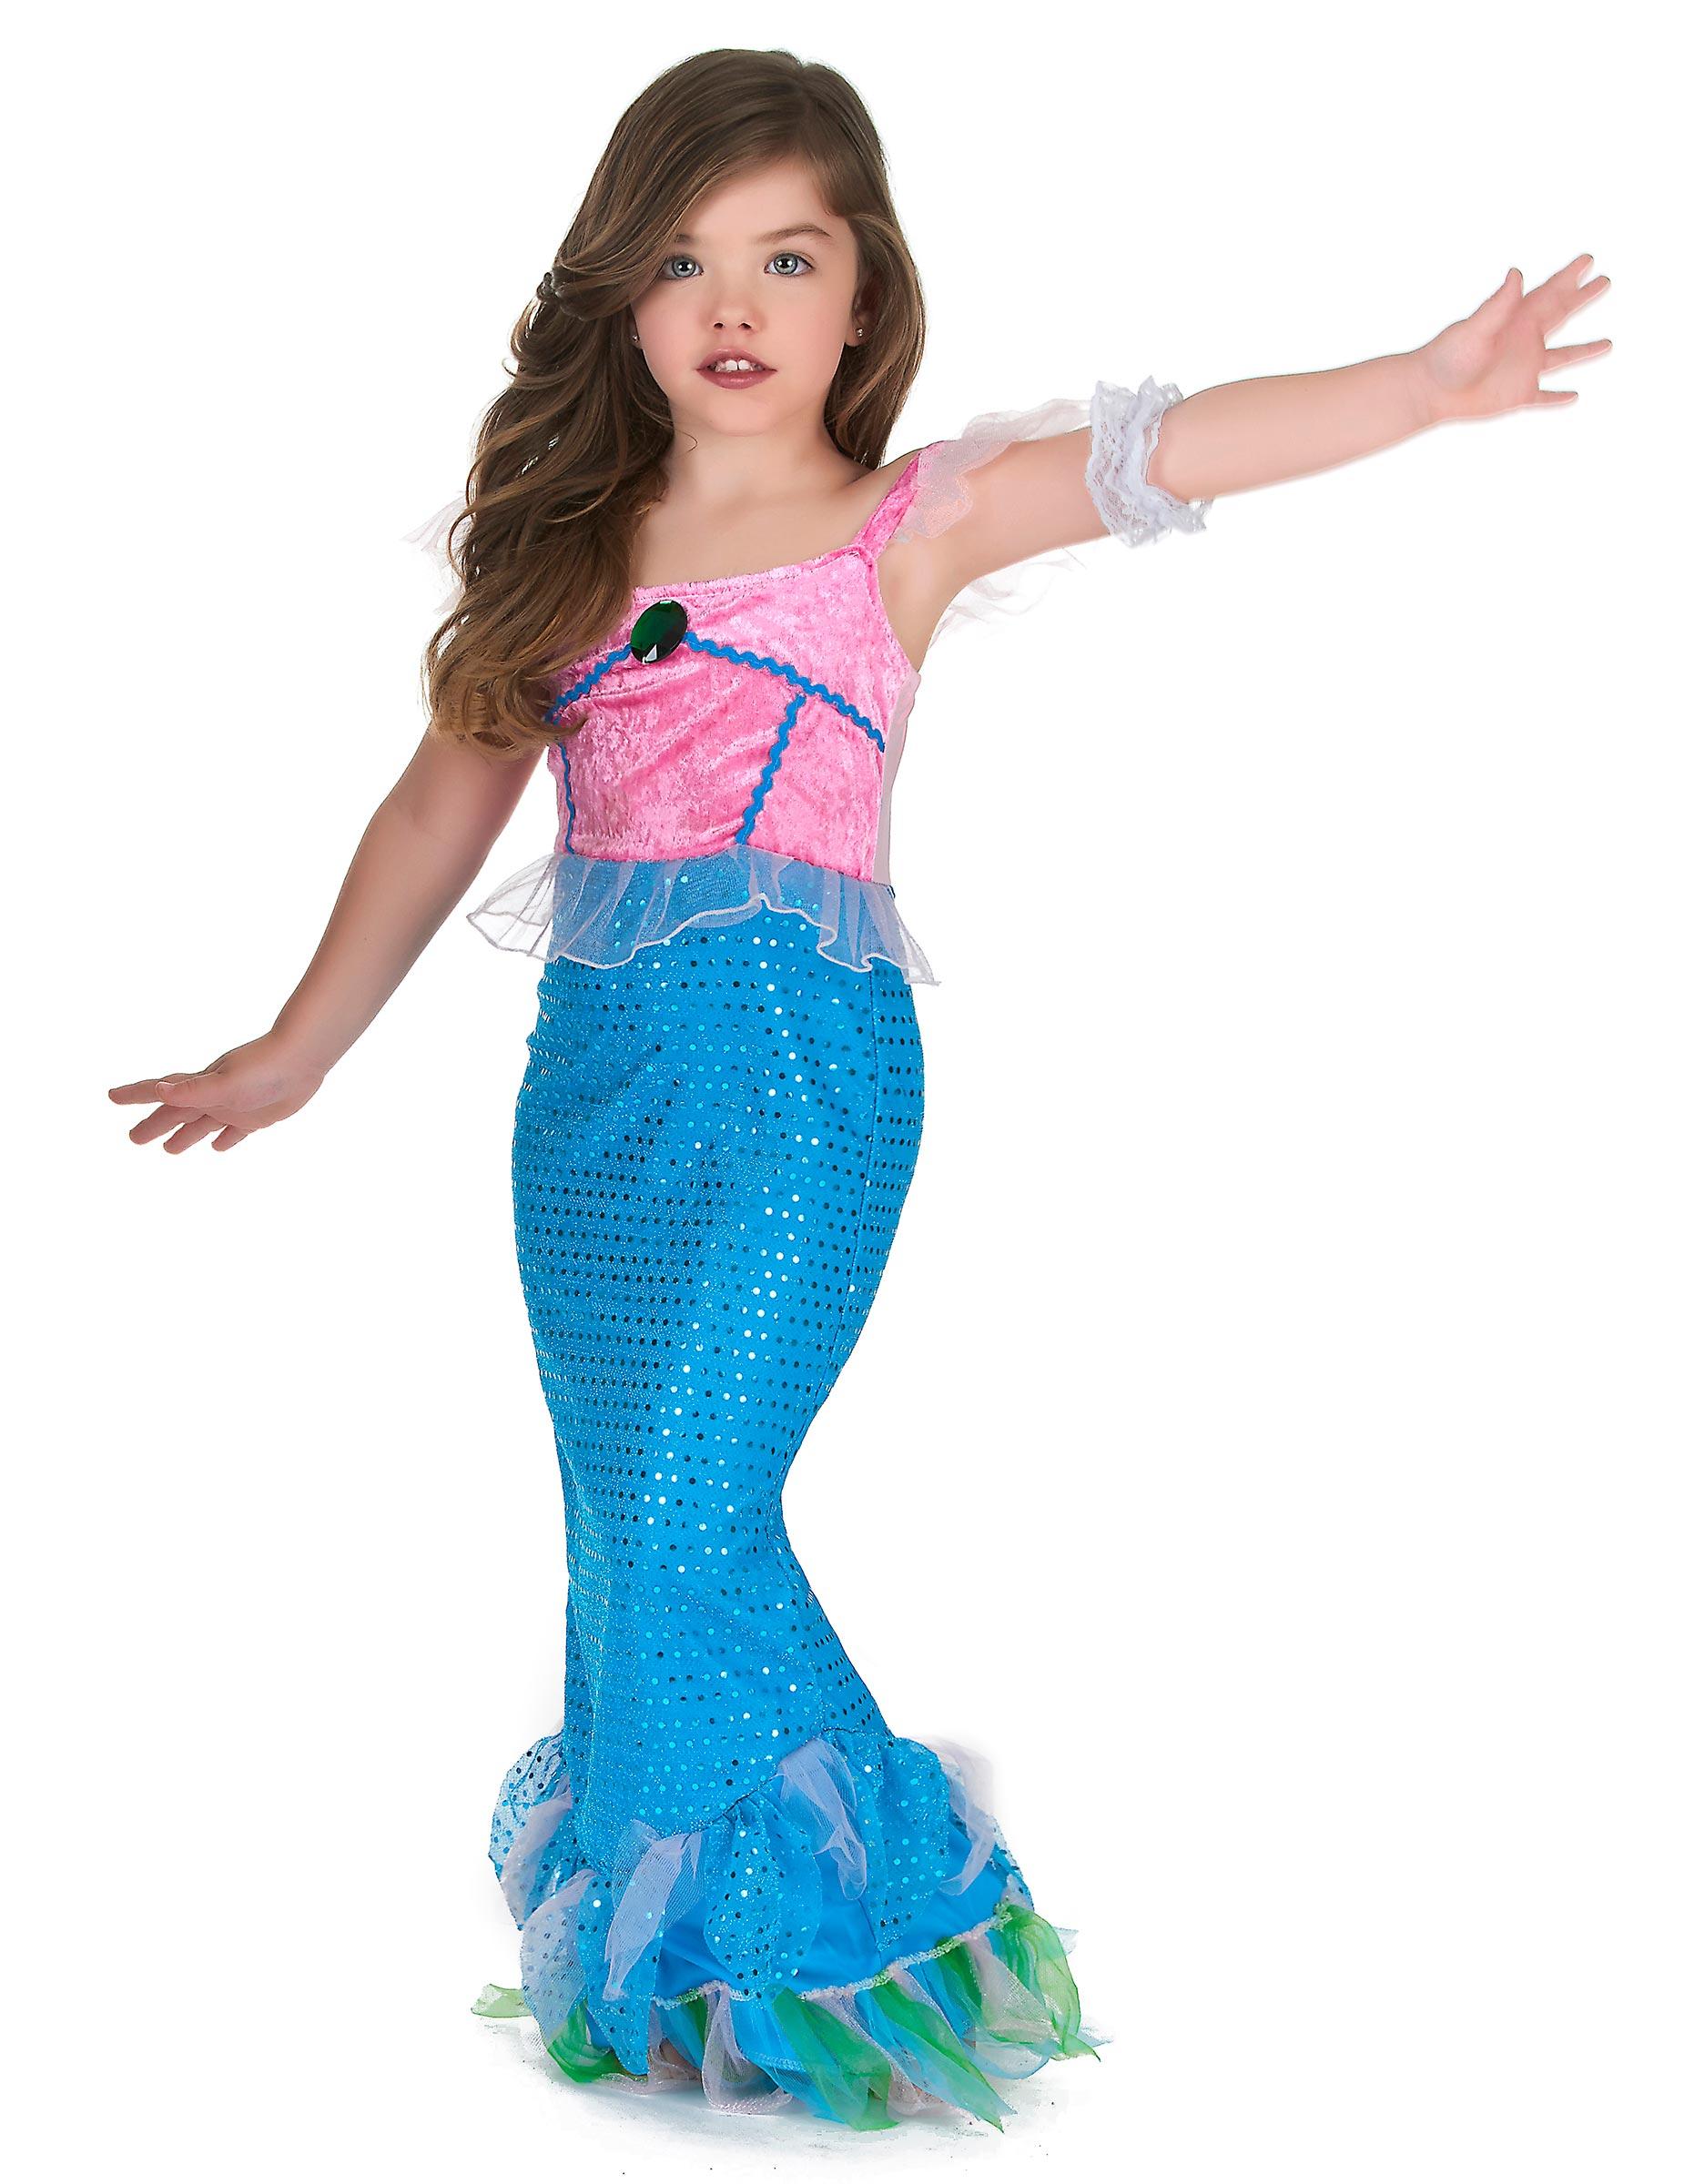 cerca il meglio grande sconto godere del prezzo più basso Costume da sirena in rosa e azzurro per bambina